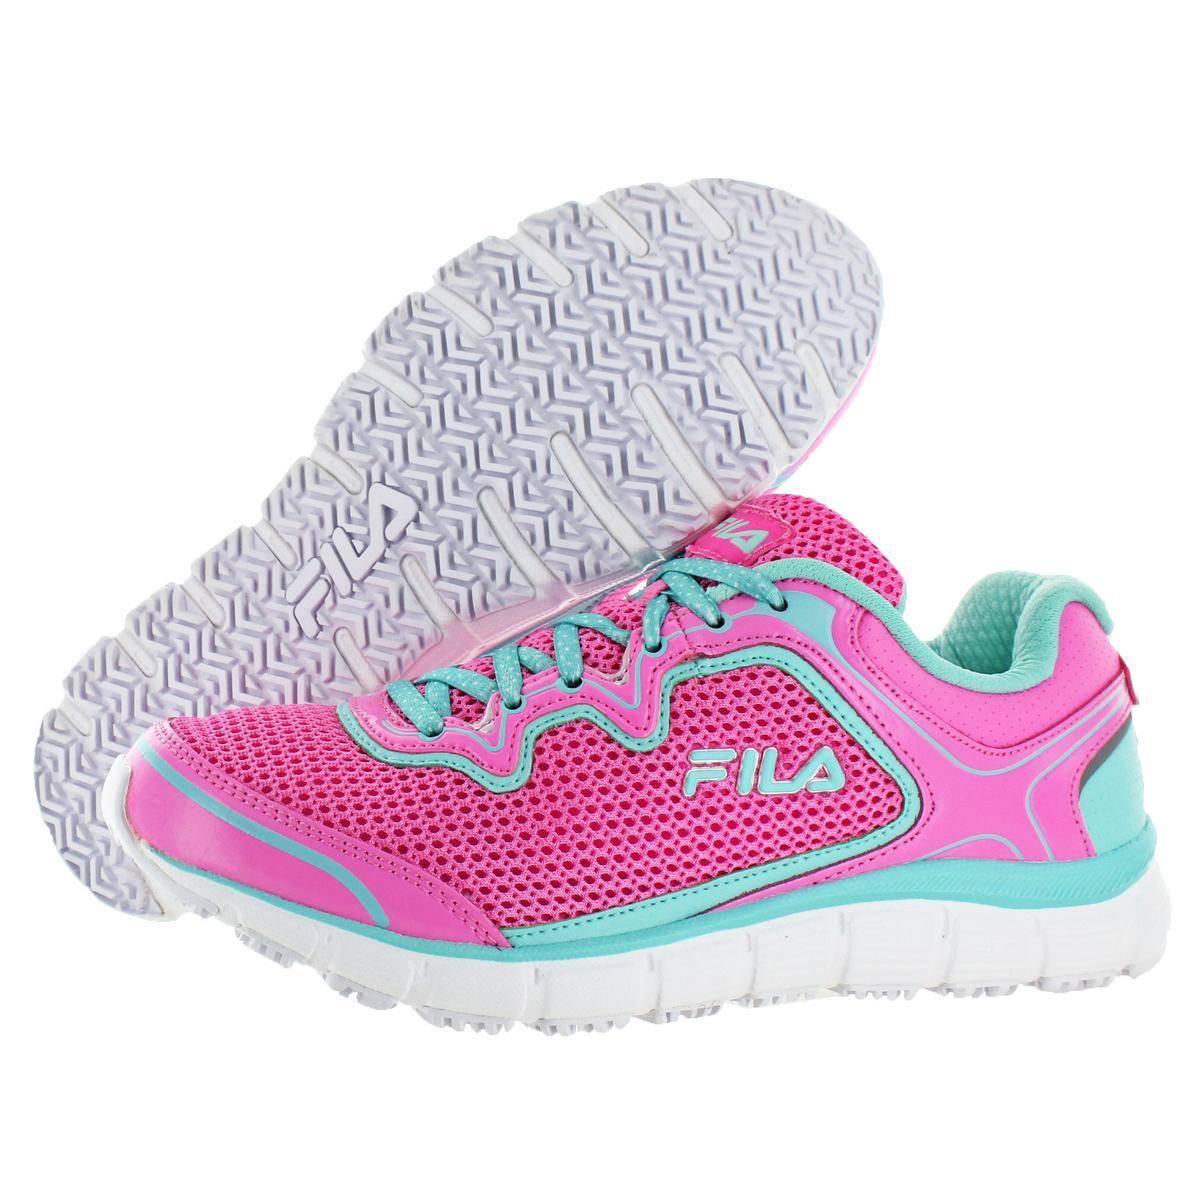 cb18a7acce Fila Women s Memory Foam Fresh Start Slip Resistant Sneakers Shoes ...